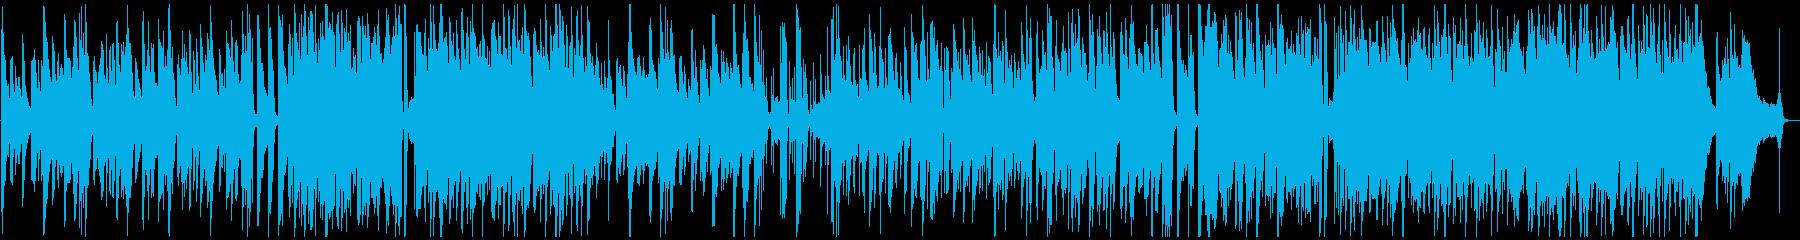 カフェや夜のBGMに、トリオ編成のジャズの再生済みの波形